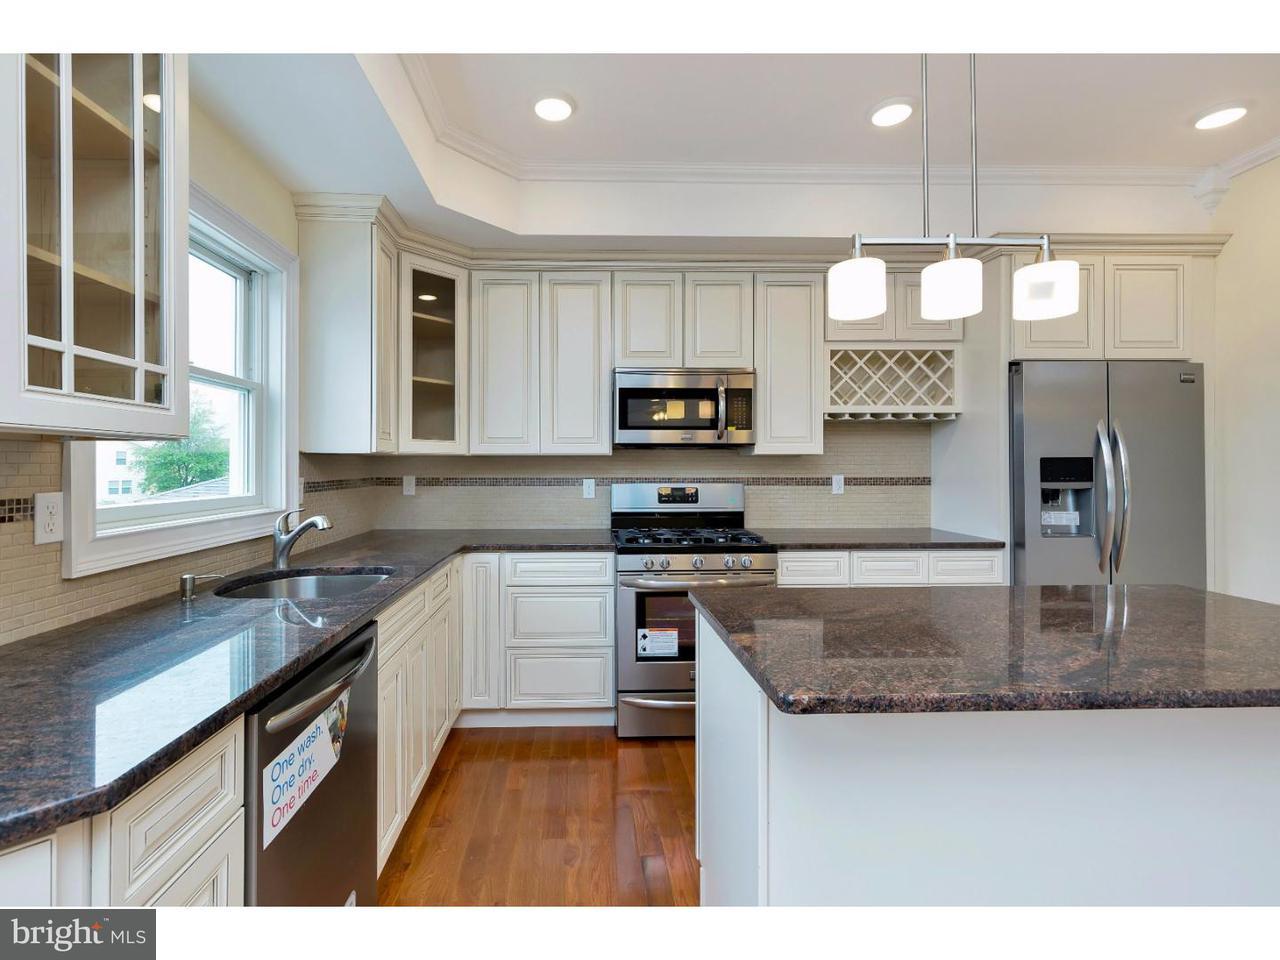 Μονοκατοικία για την Πώληση στο 106 JIB Lane Brick, Νιου Τζερσεϋ 08723 Ηνωμενεσ Πολιτειεσ